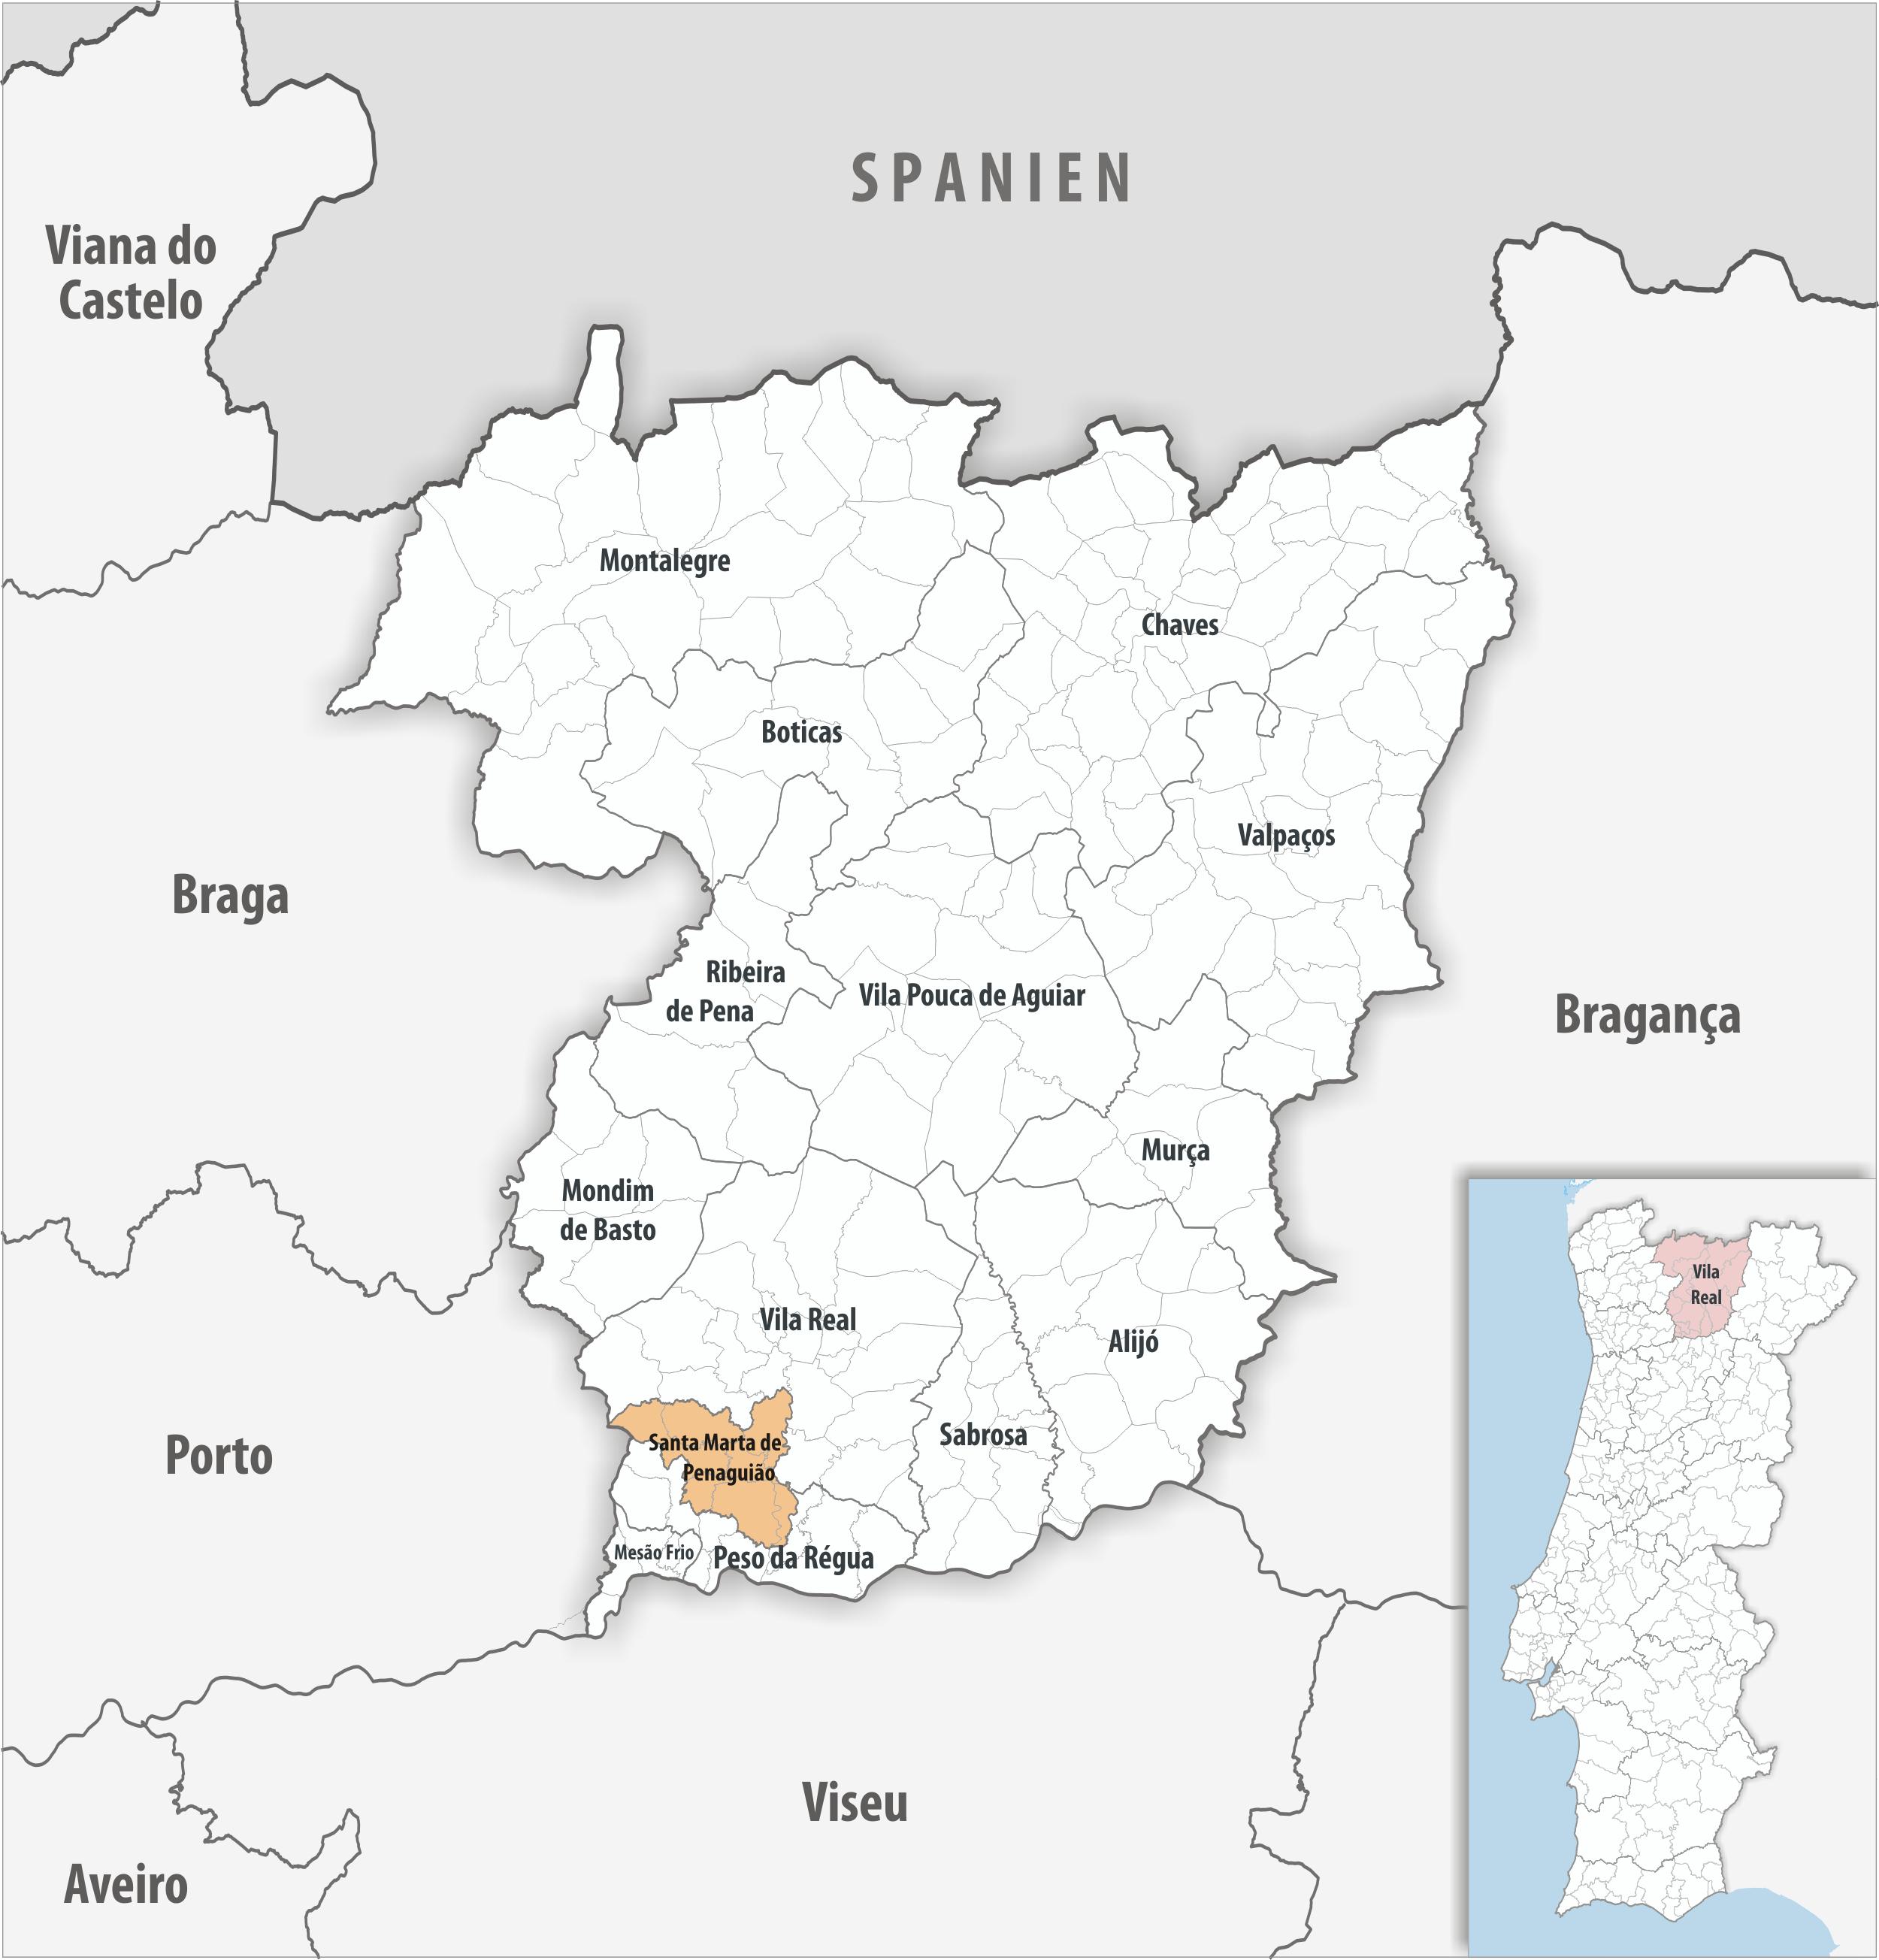 Santa Marta de Penaguião - Mapa